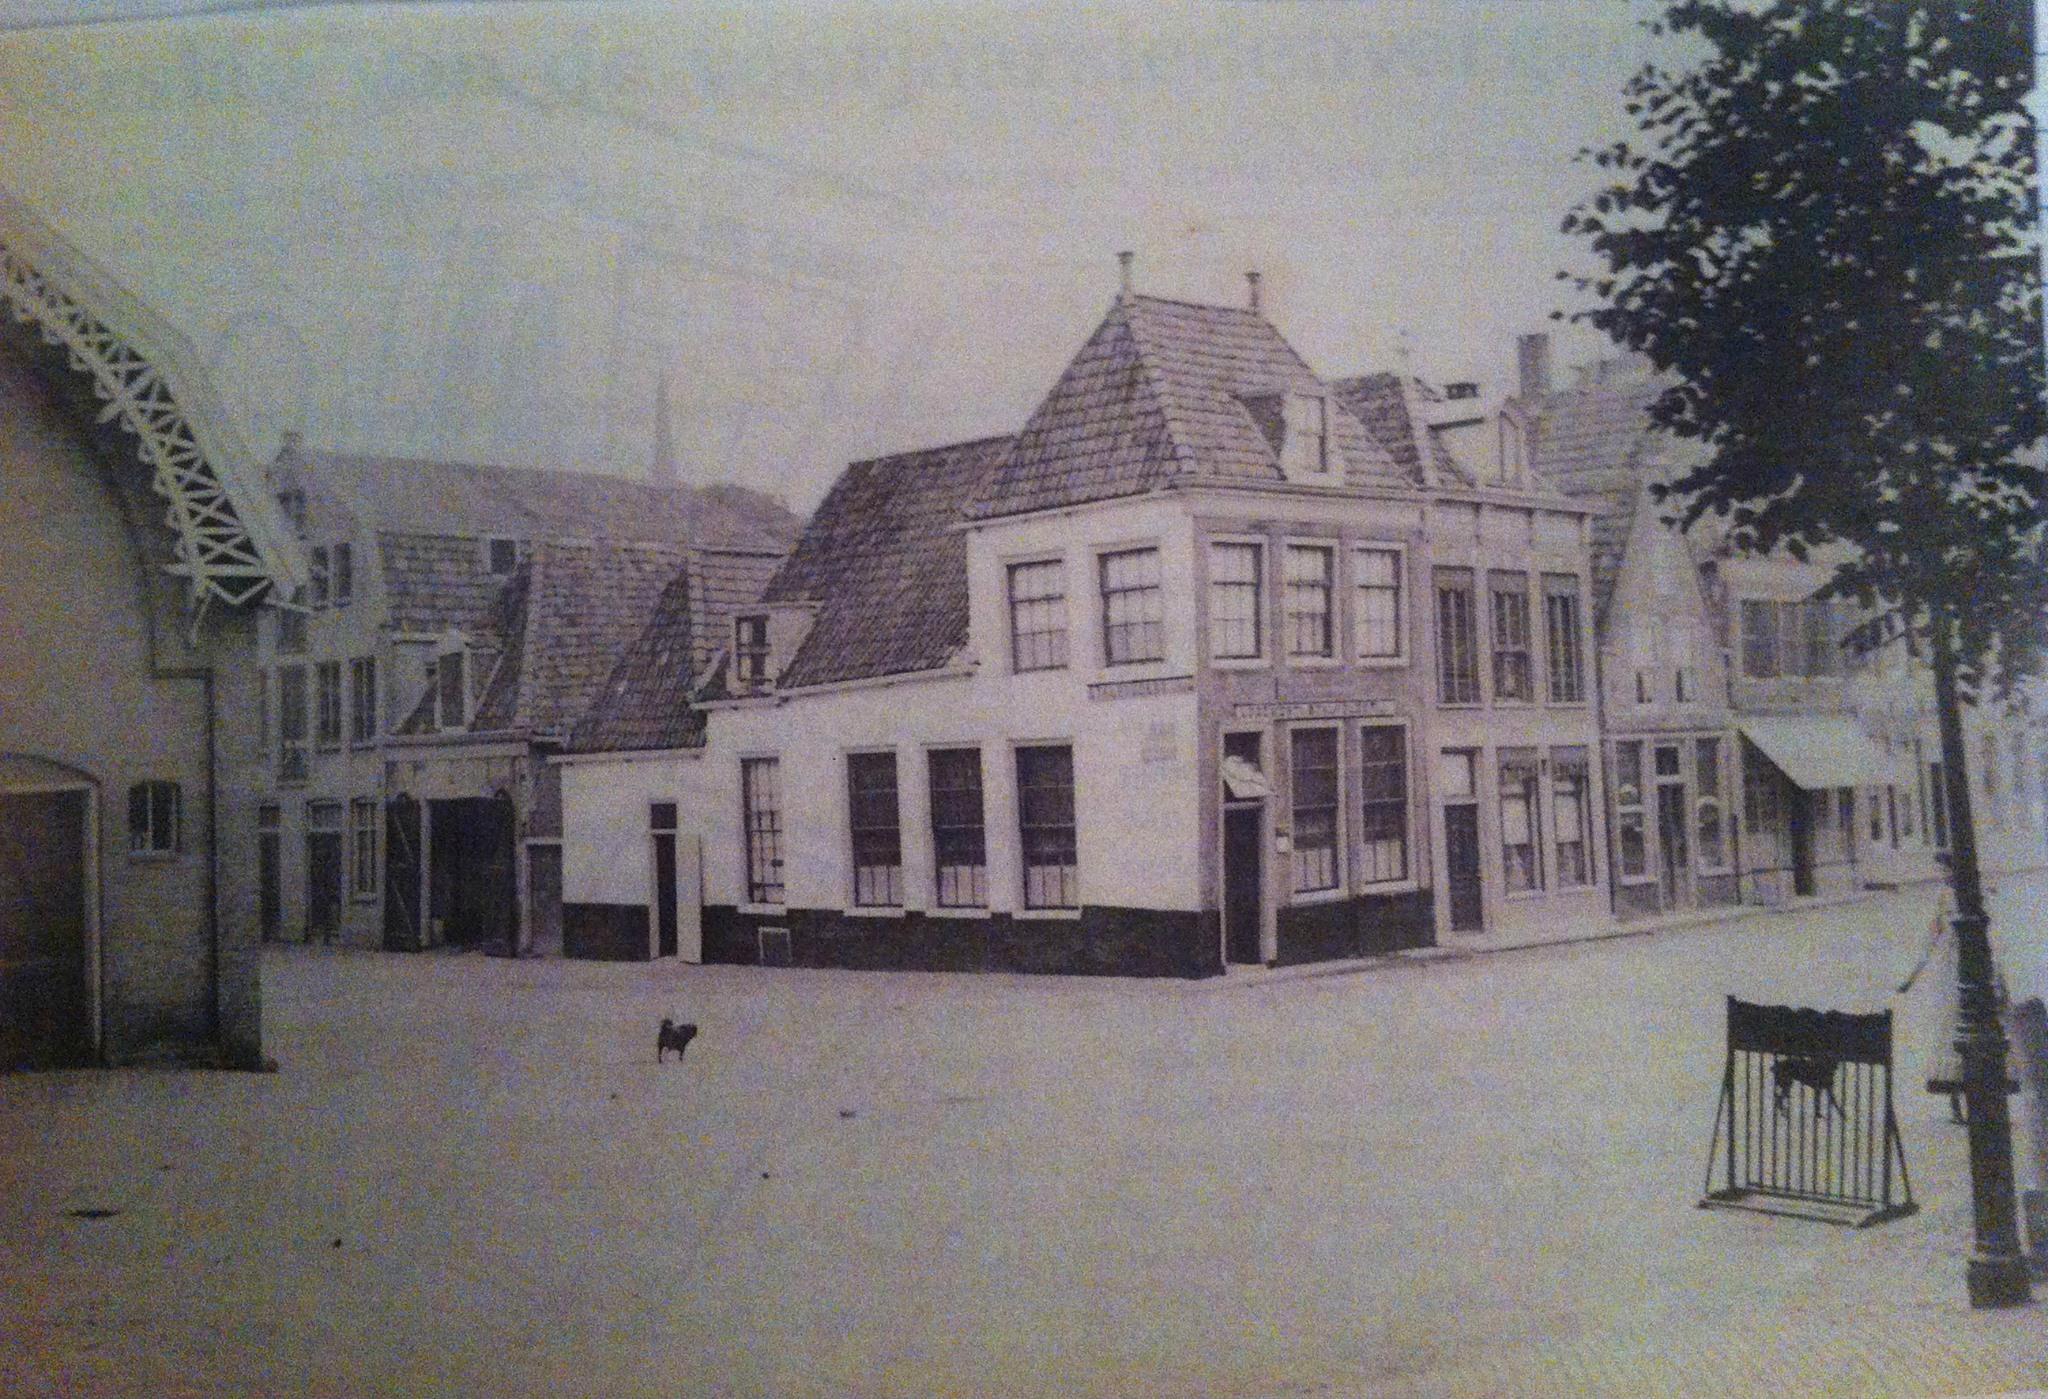 Hoorn Huizen Straten en Mensen van 16 februari 2014